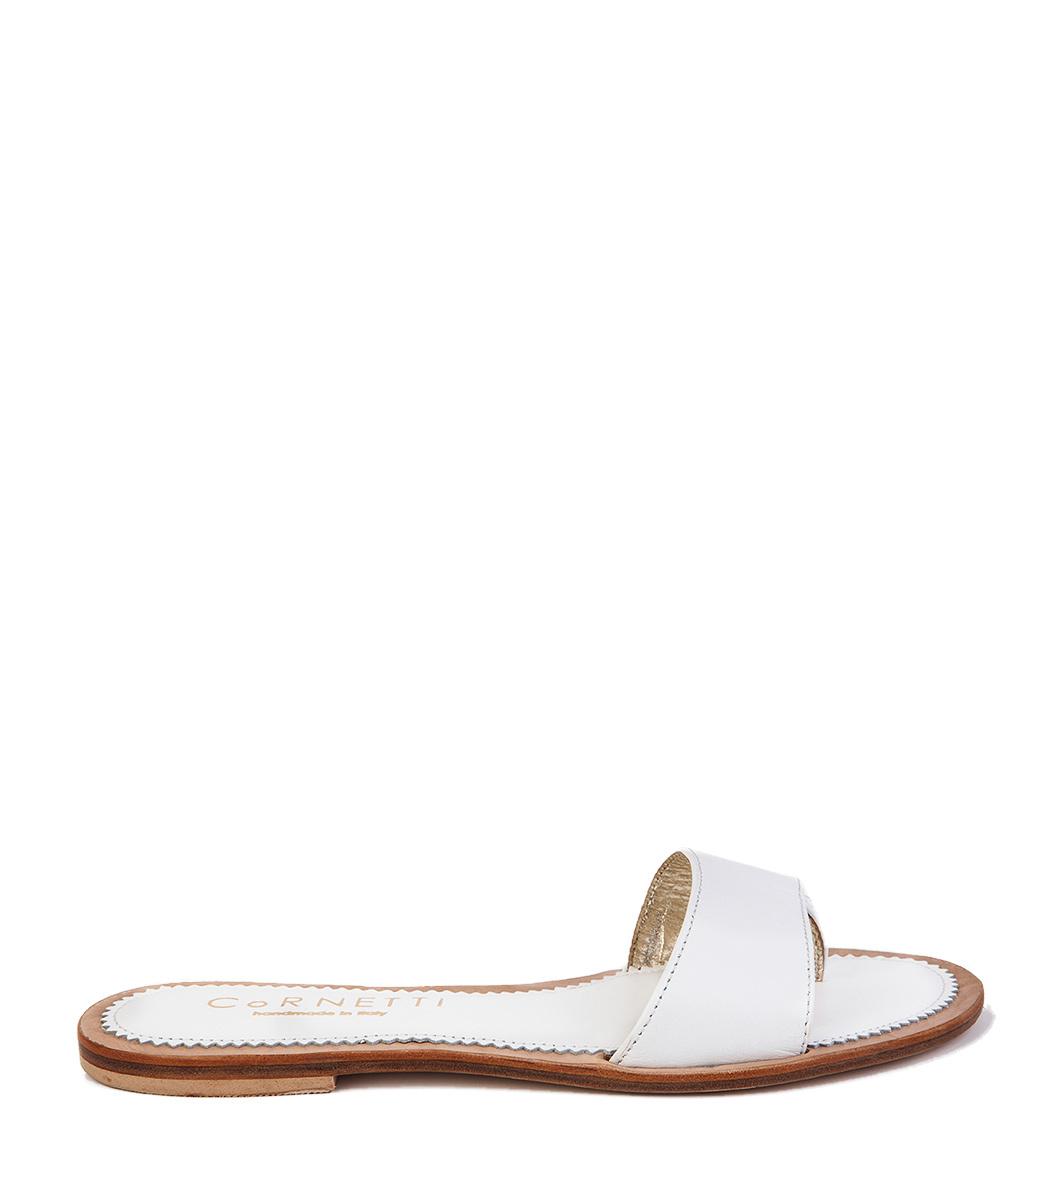 CORNETTI Cannucce Sandal in White Calfskin